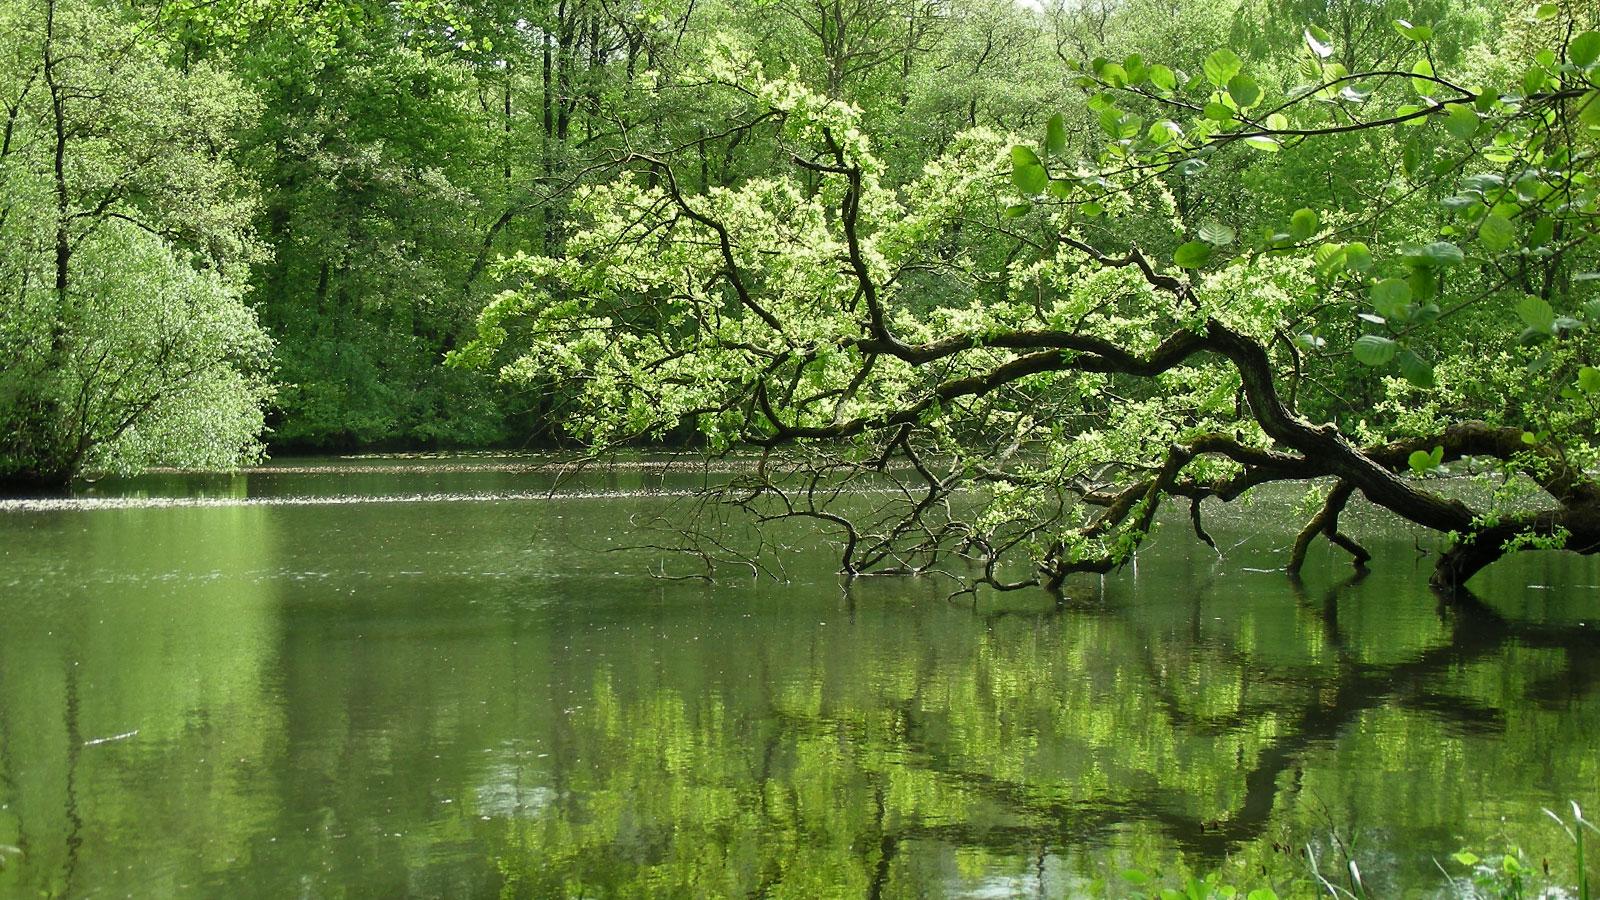 Altwasser an der Alster? Durch Wehre wird die Alster aufgestaut und verliert ihren Fließgewässercharakter. Fischtreppen sollen die Durchgängigkeit herstellen.